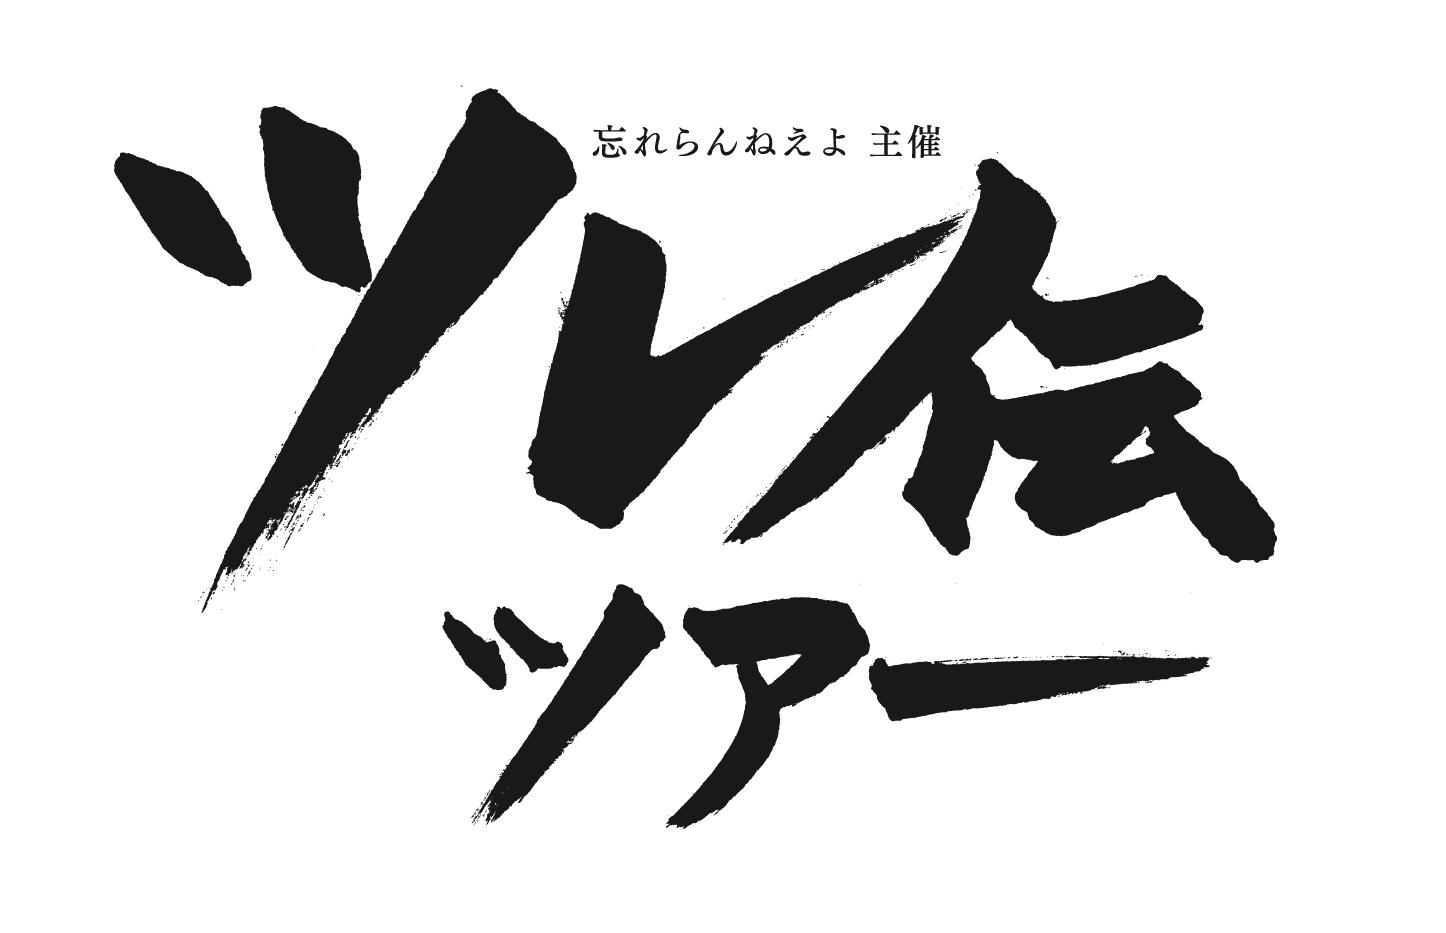 「忘れらんねえよ主催 ツレ伝ツアー」ロゴ